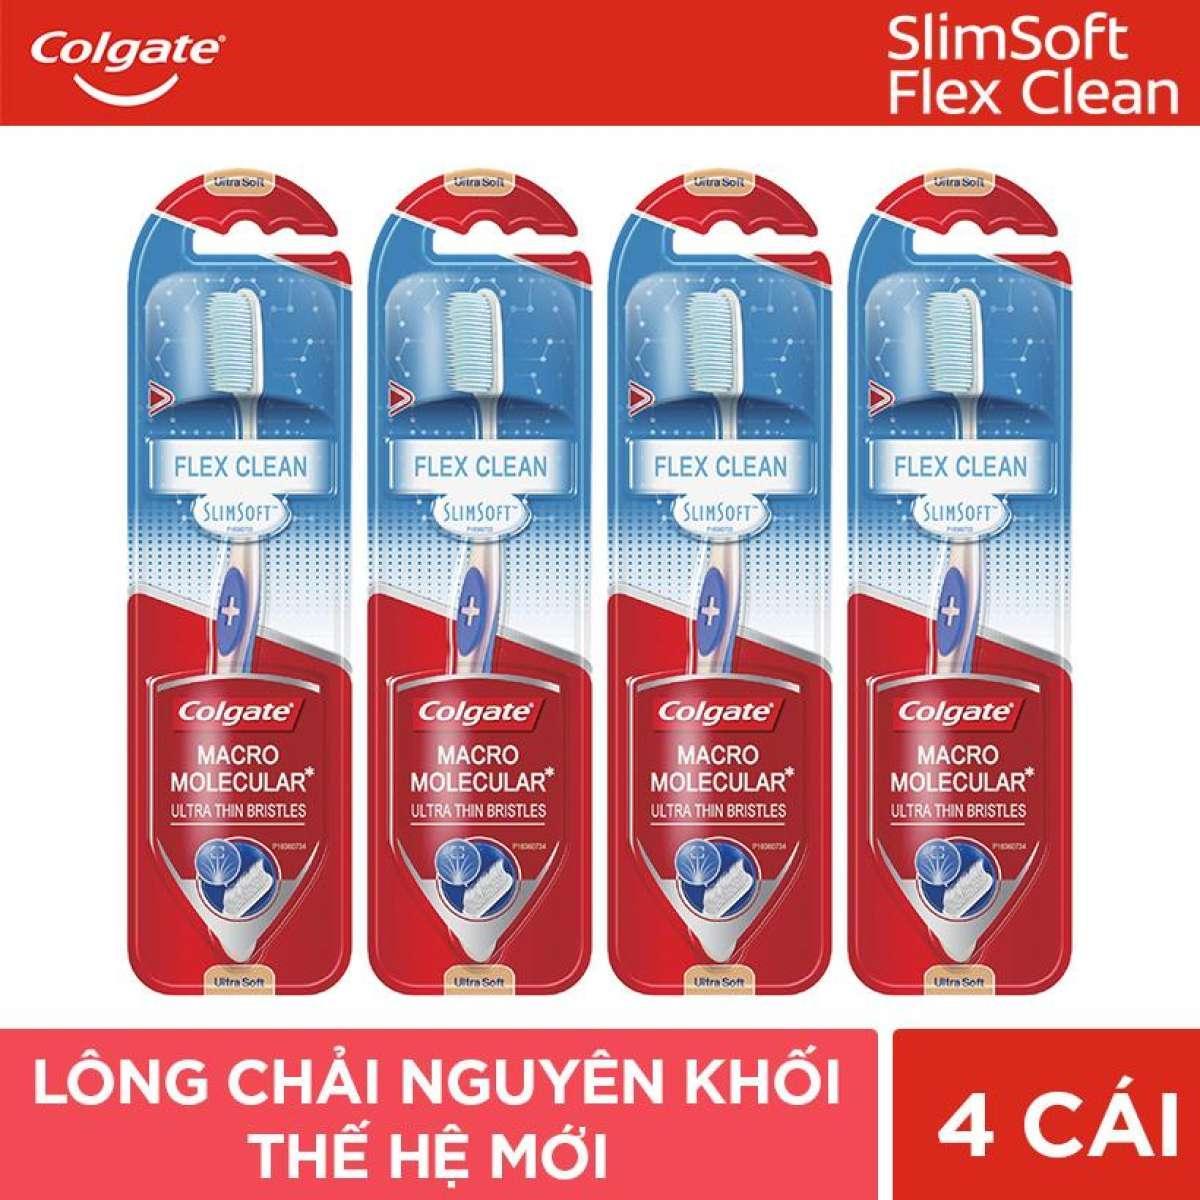 Combo 4 Bàn chải đánh răng Colgate SlimSoft Flex Clean THAN ĐEN nhập khẩu